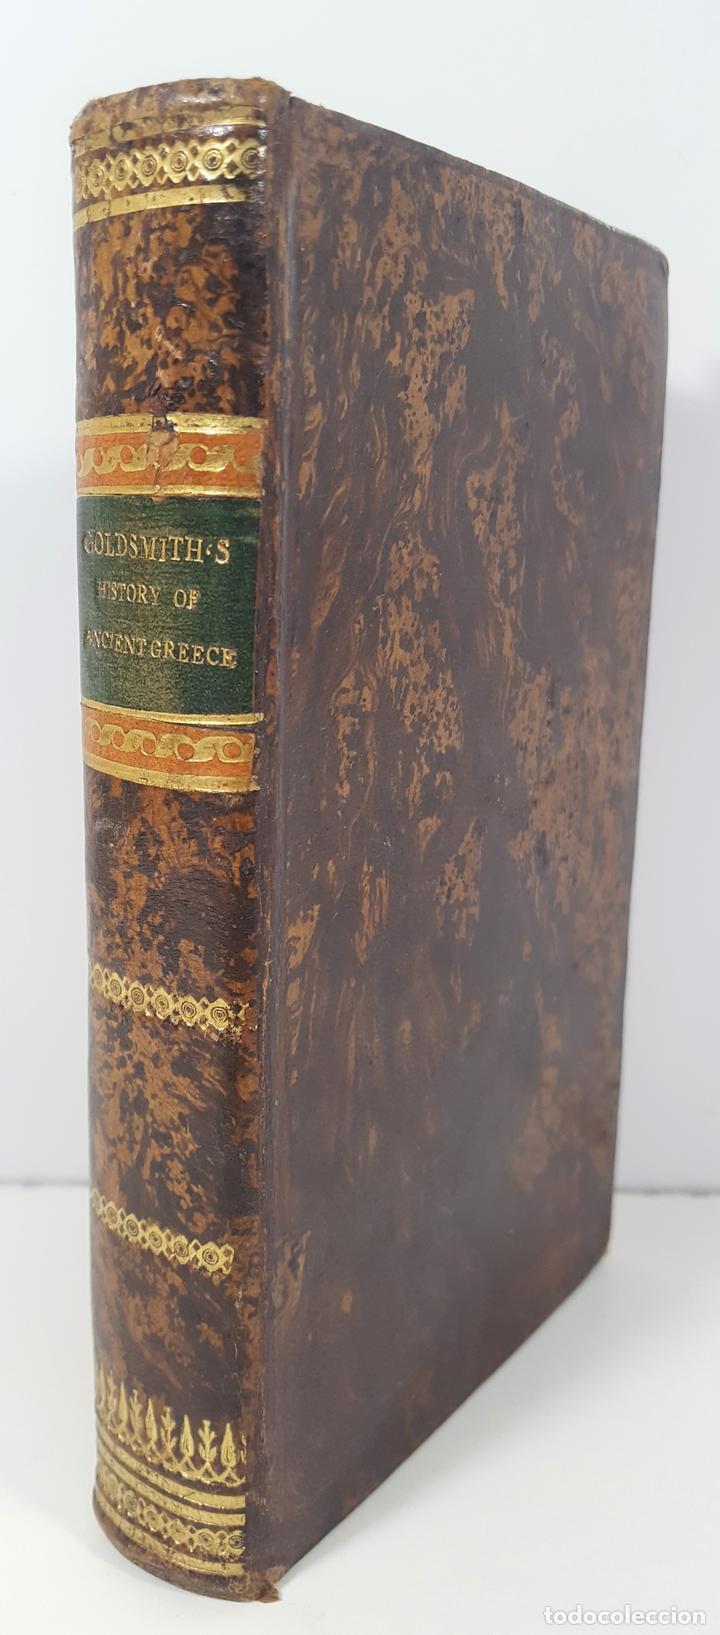 HISTORY OF GREECE. THE USE OF SCHOOLS. GOLDSMITH´S. LONDON. 1820. (Libros Antiguos, Raros y Curiosos - Historia - Otros)